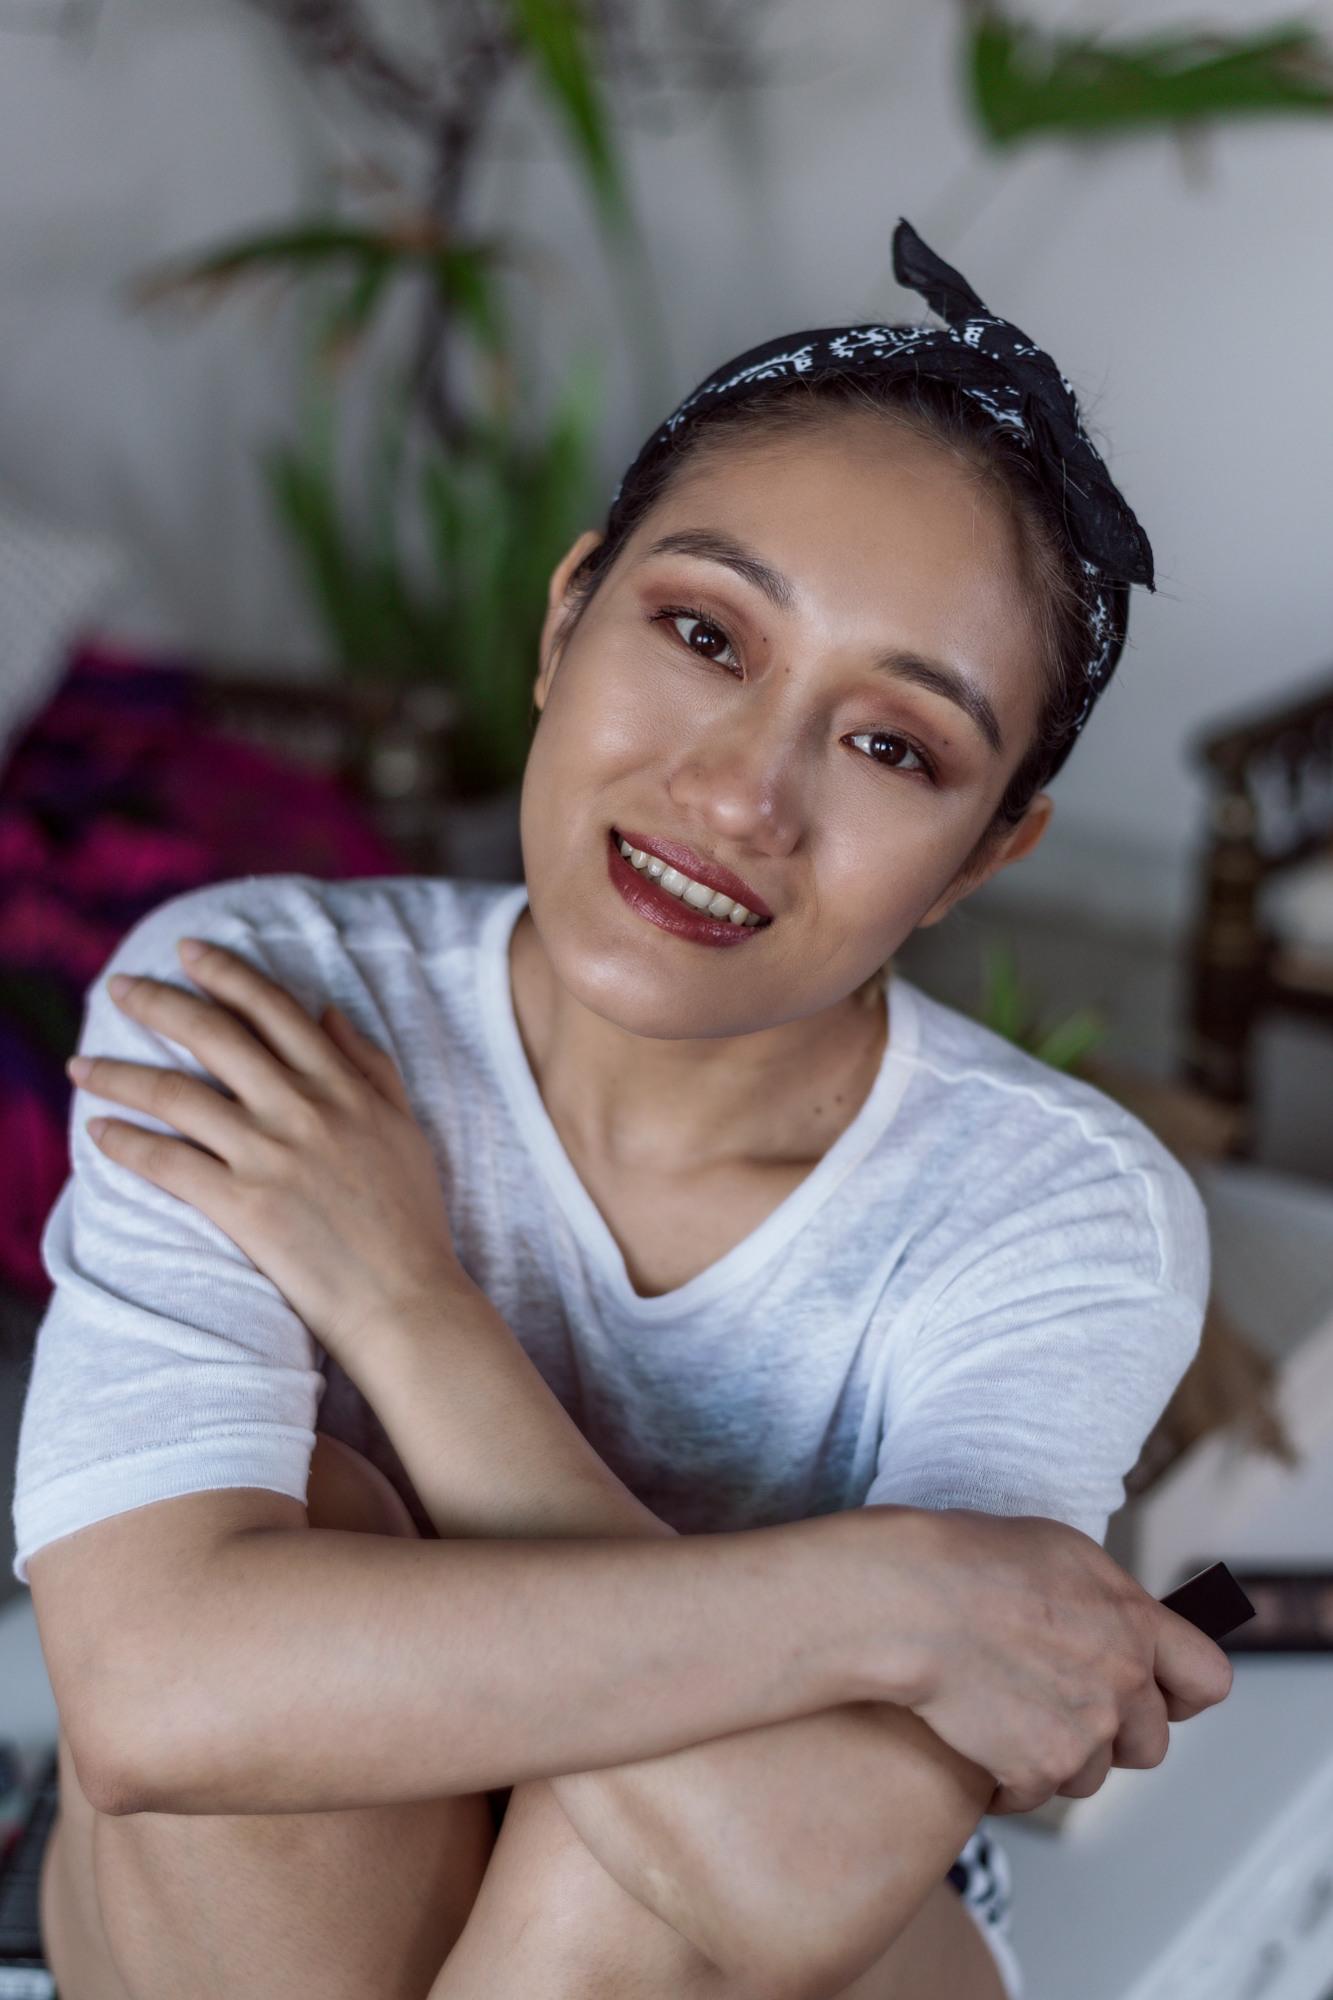 Aien-Jamir-Morning- SkinCare-My-Go-To-MakeUp-1